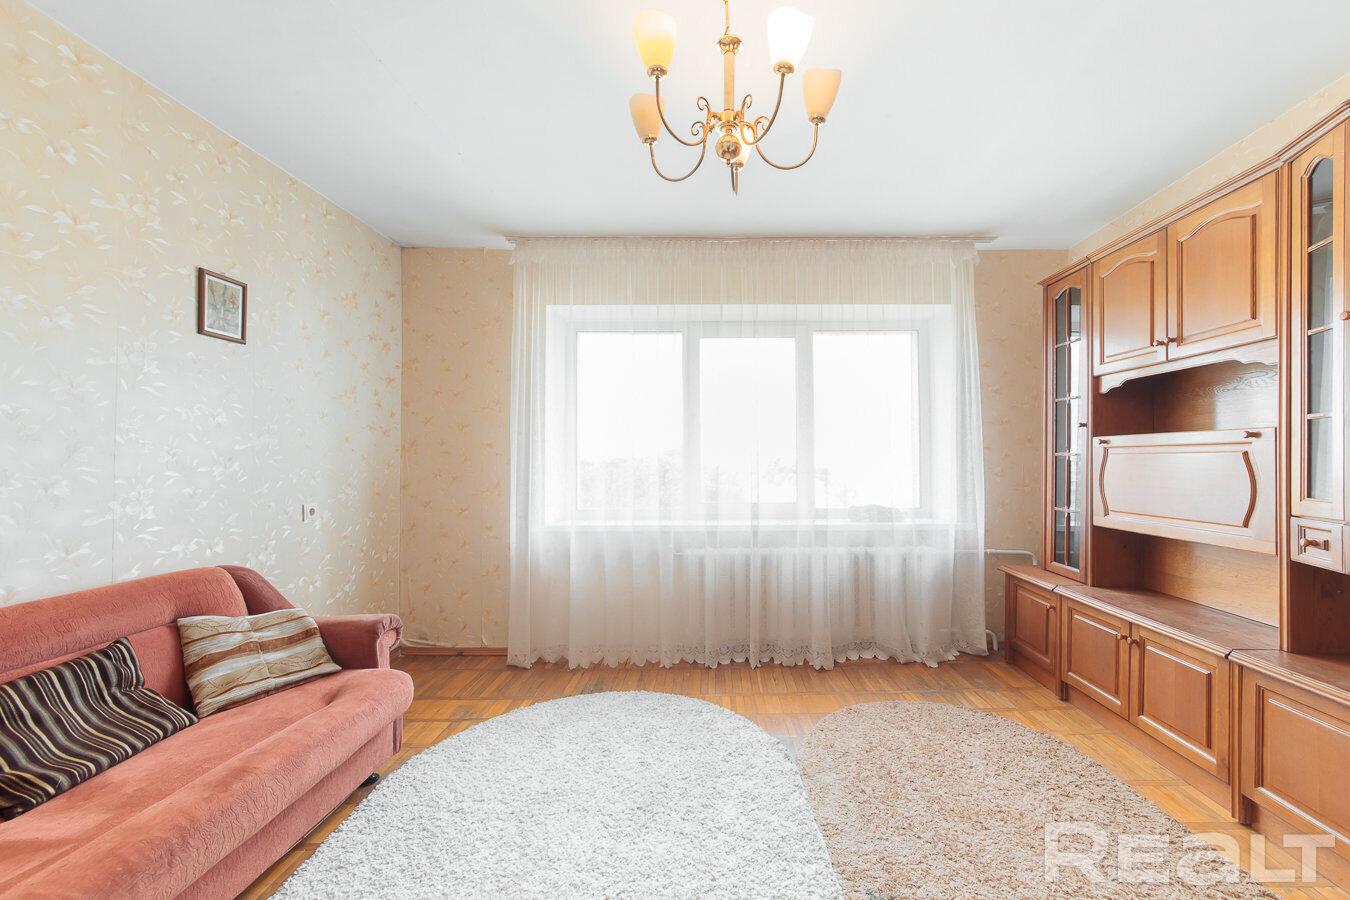 Продажа 2-х комнатной квартиры в г. Минске, ул. Левкова, дом 35-1 (р-н Воронянского, Могилевская, Чкалова). Цена 163 082 руб